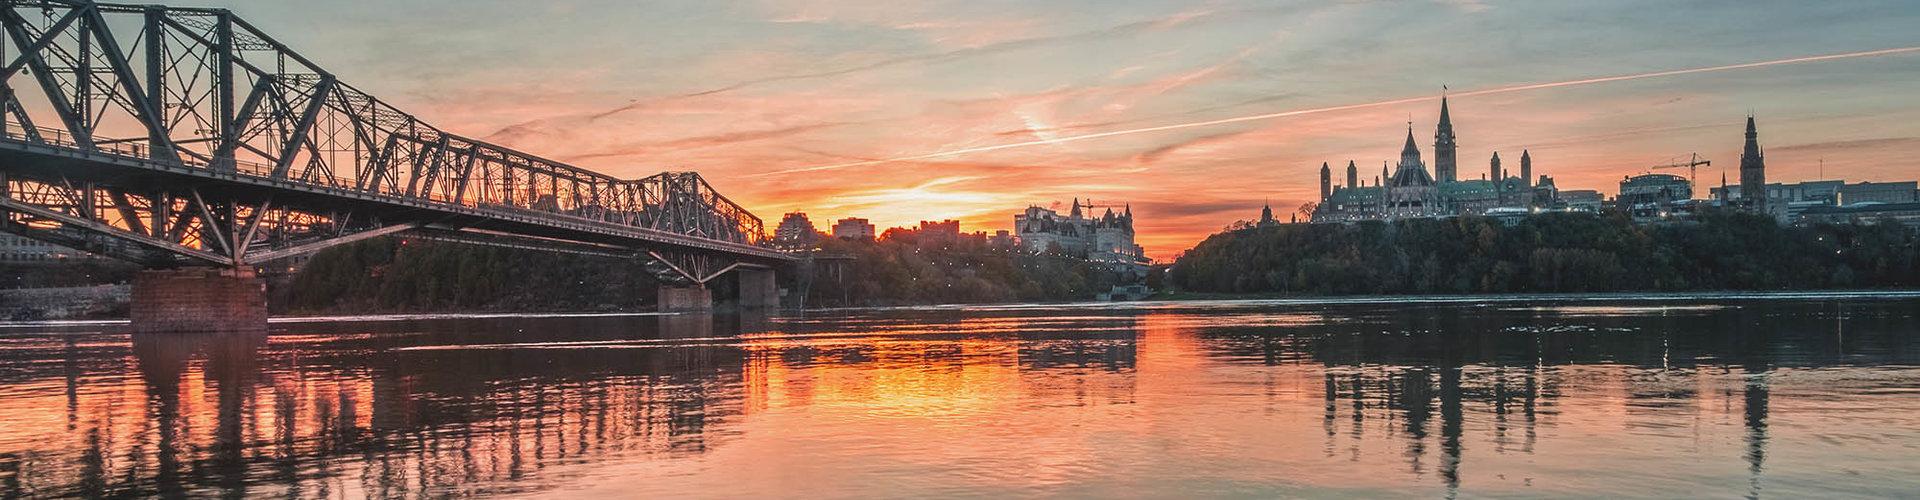 Sonnenuntergang in Ottawa Kanada